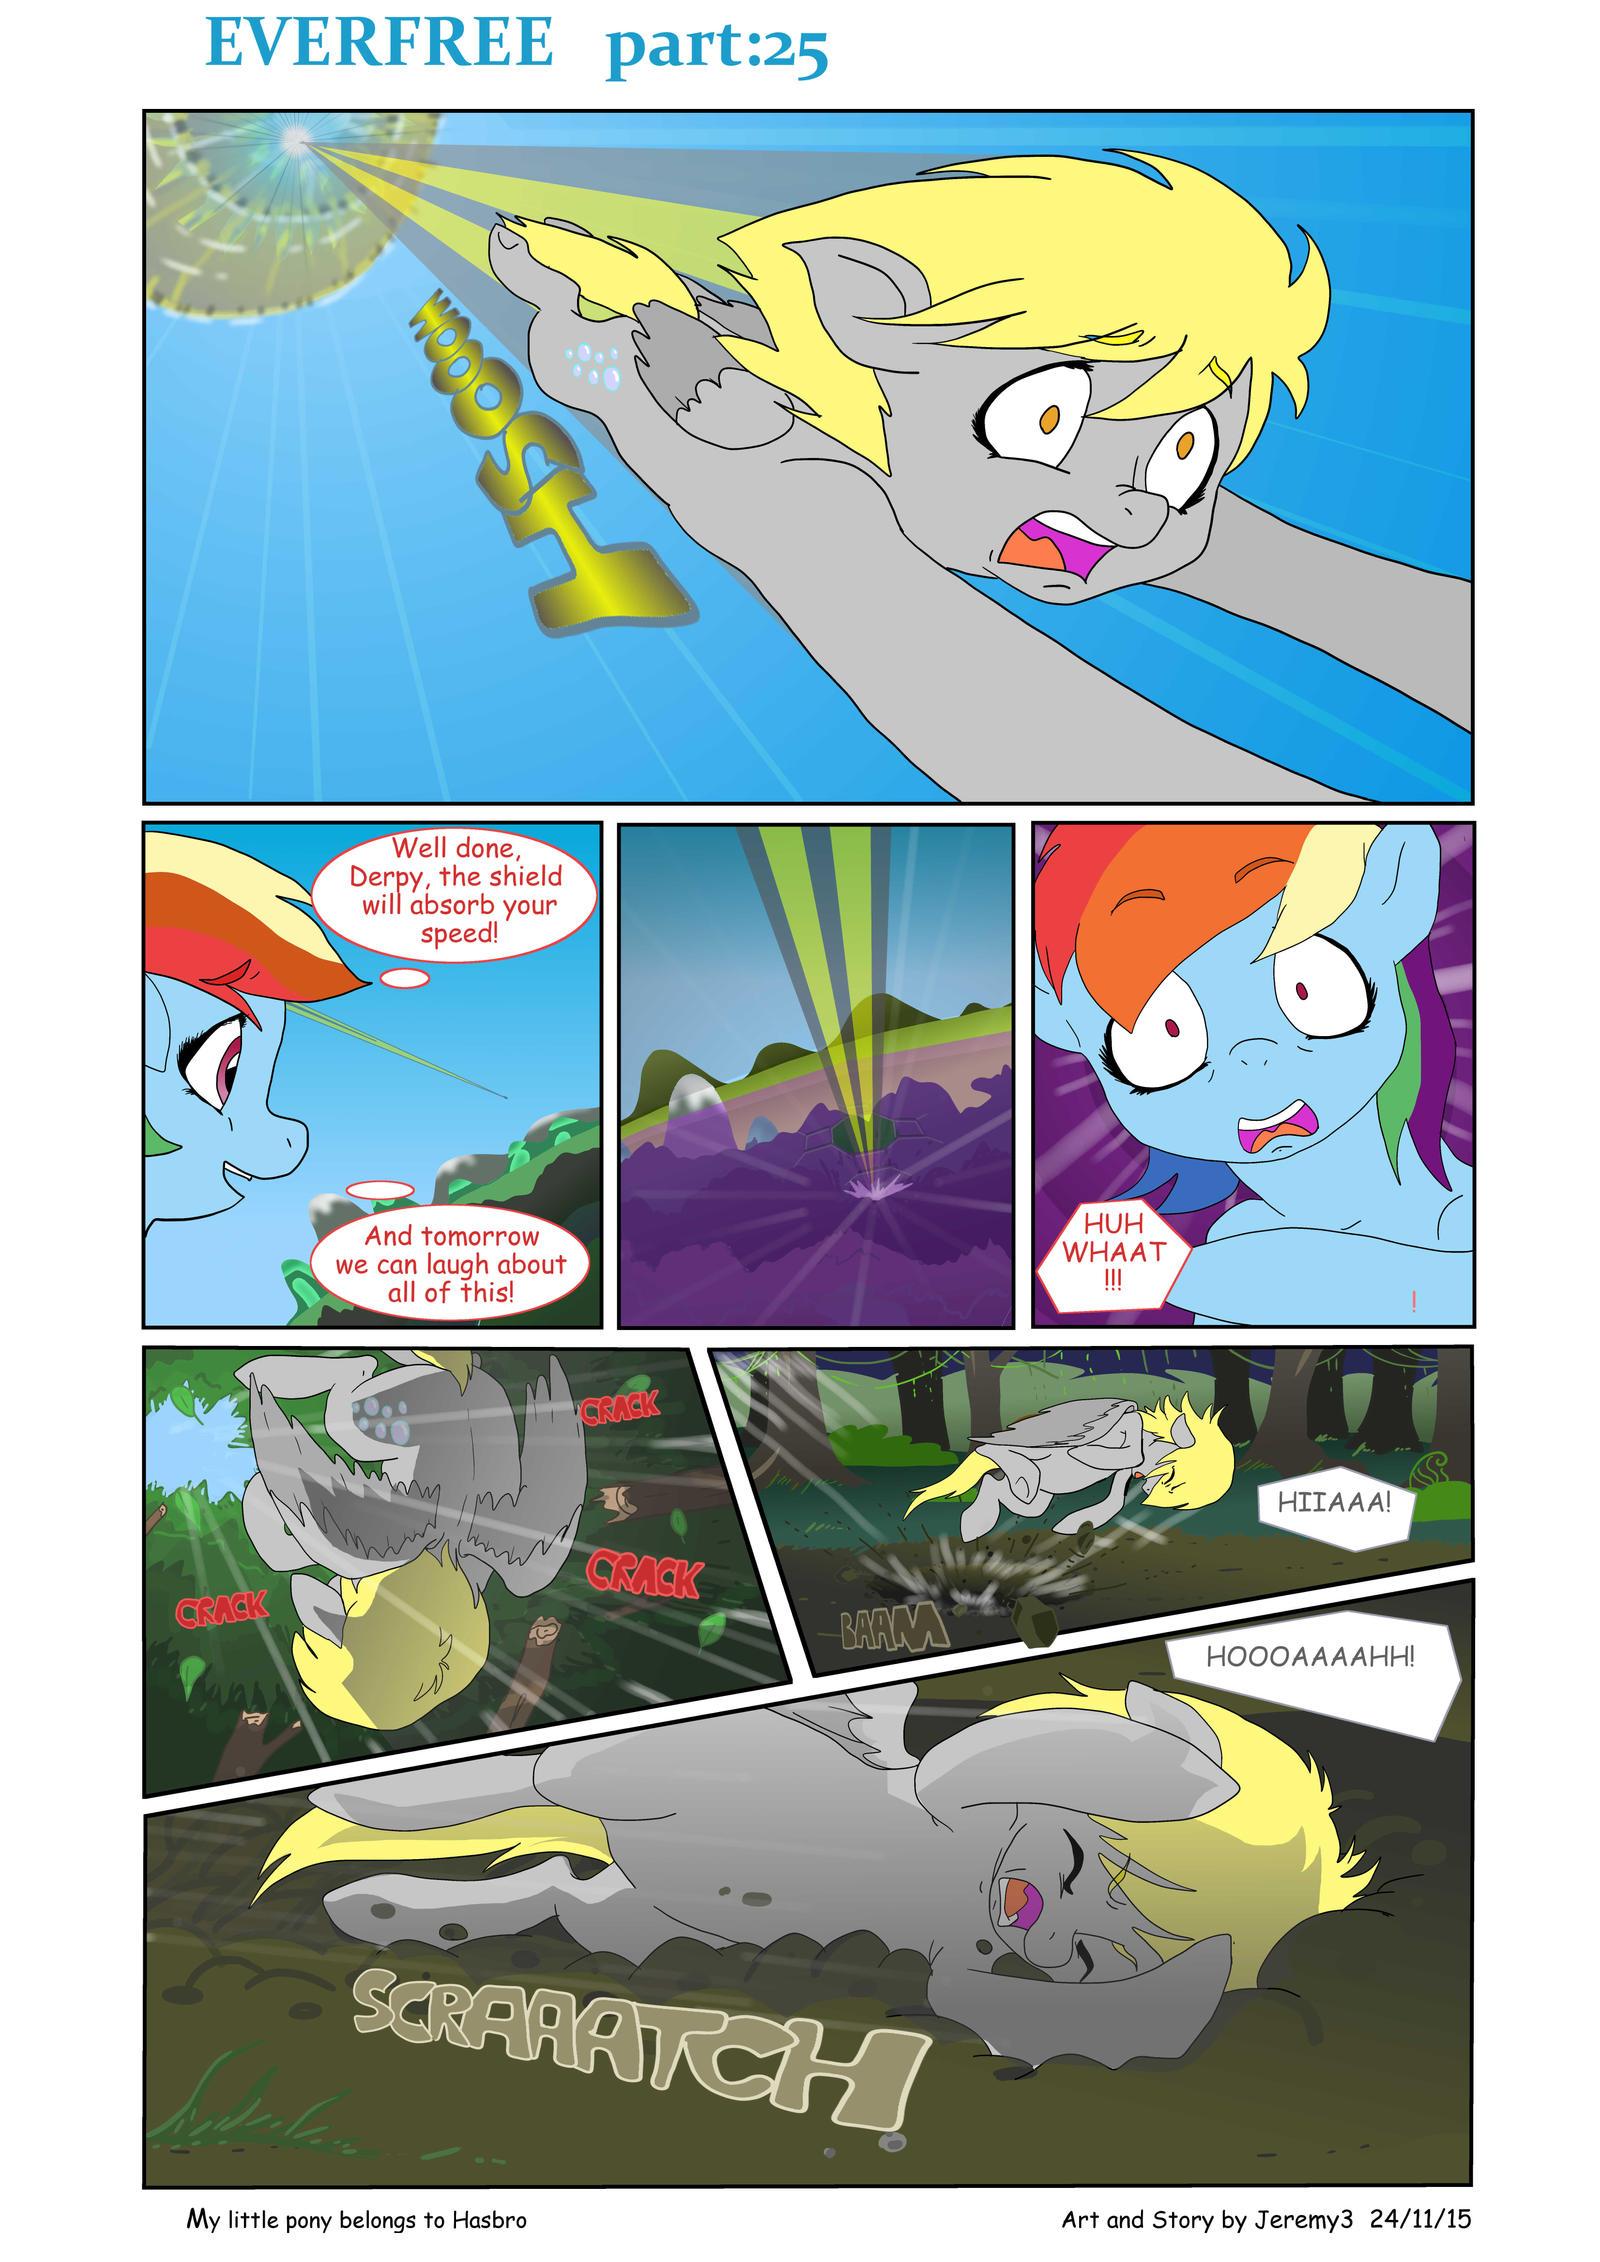 Everfree part 25 en